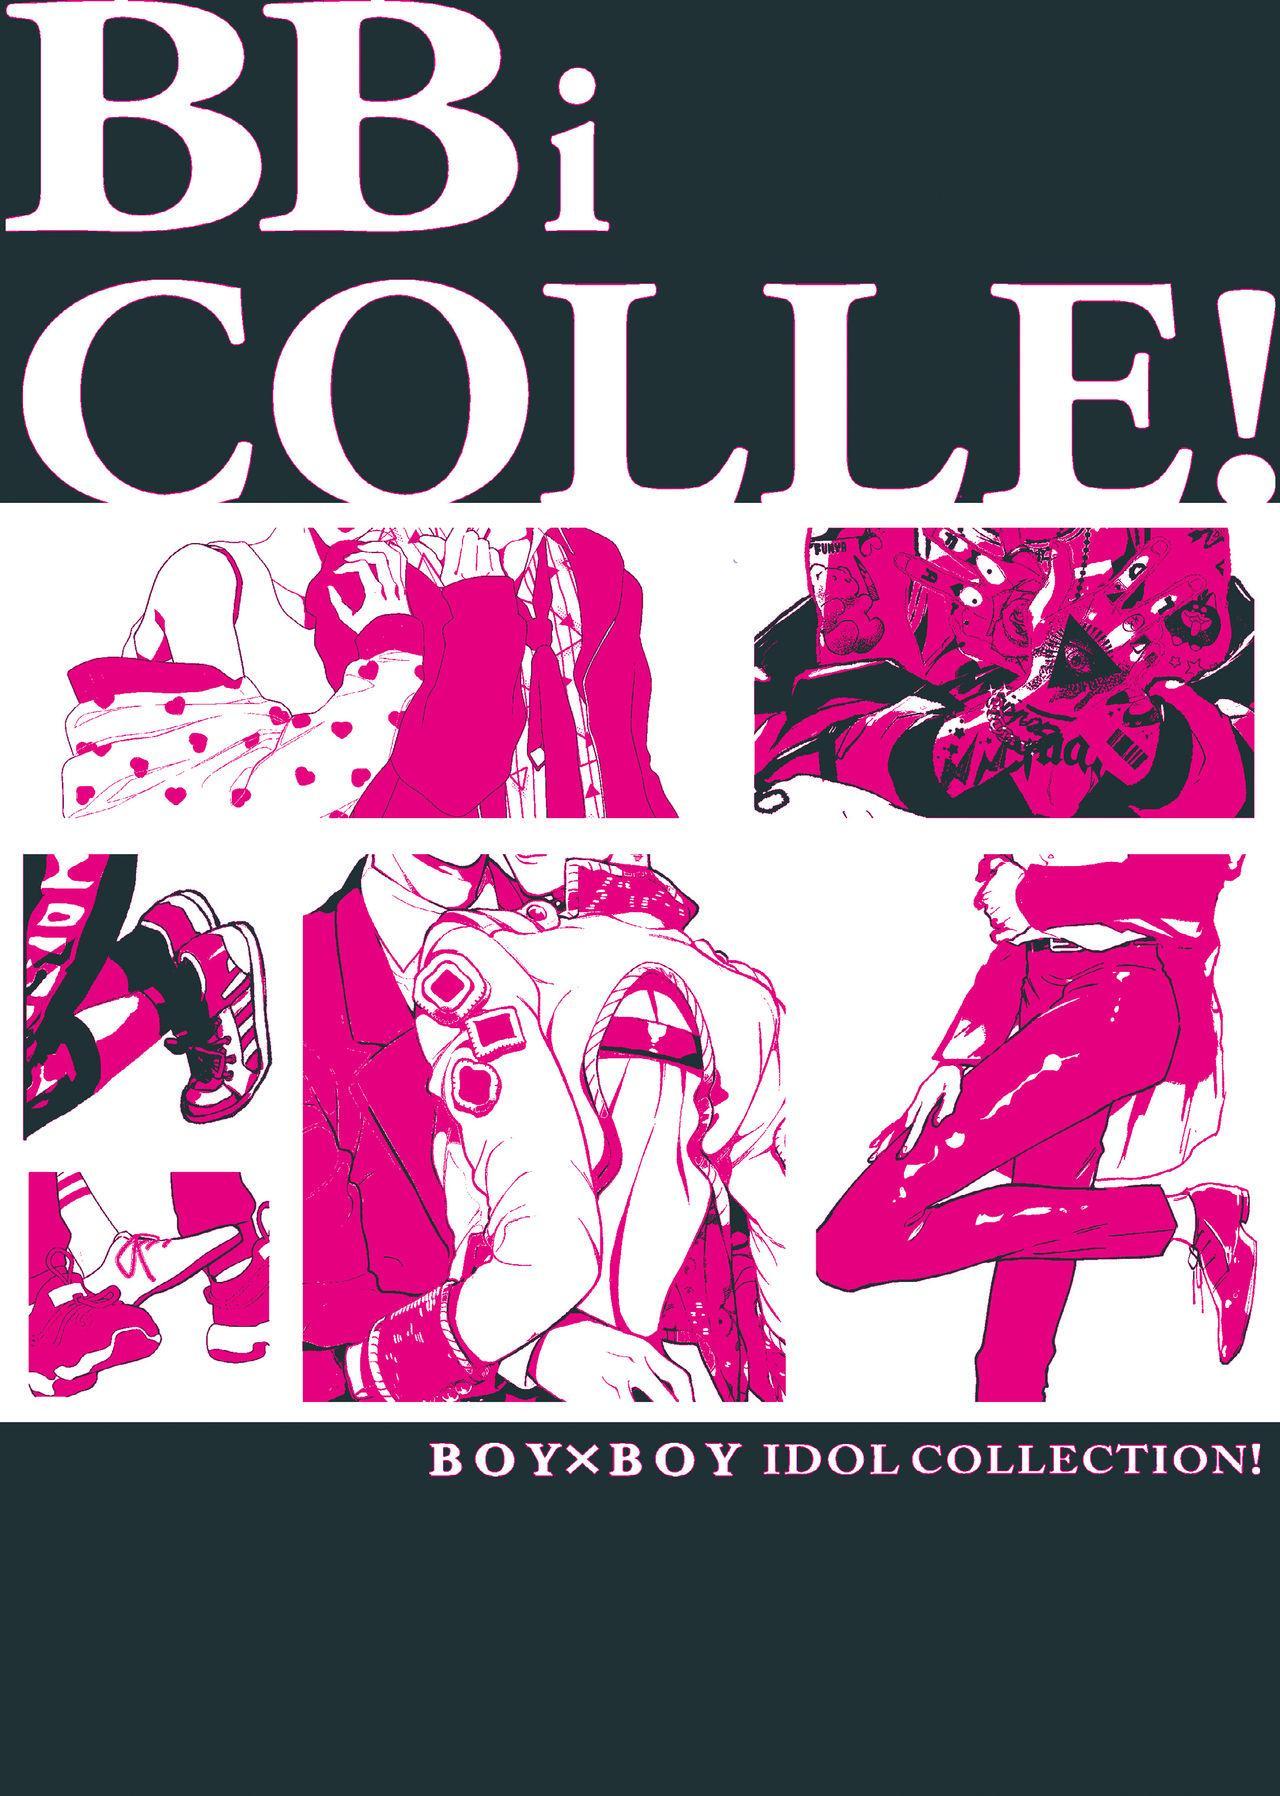 BOY x BOY IDOL COLLECTION!   男男爱豆搜罗! 161